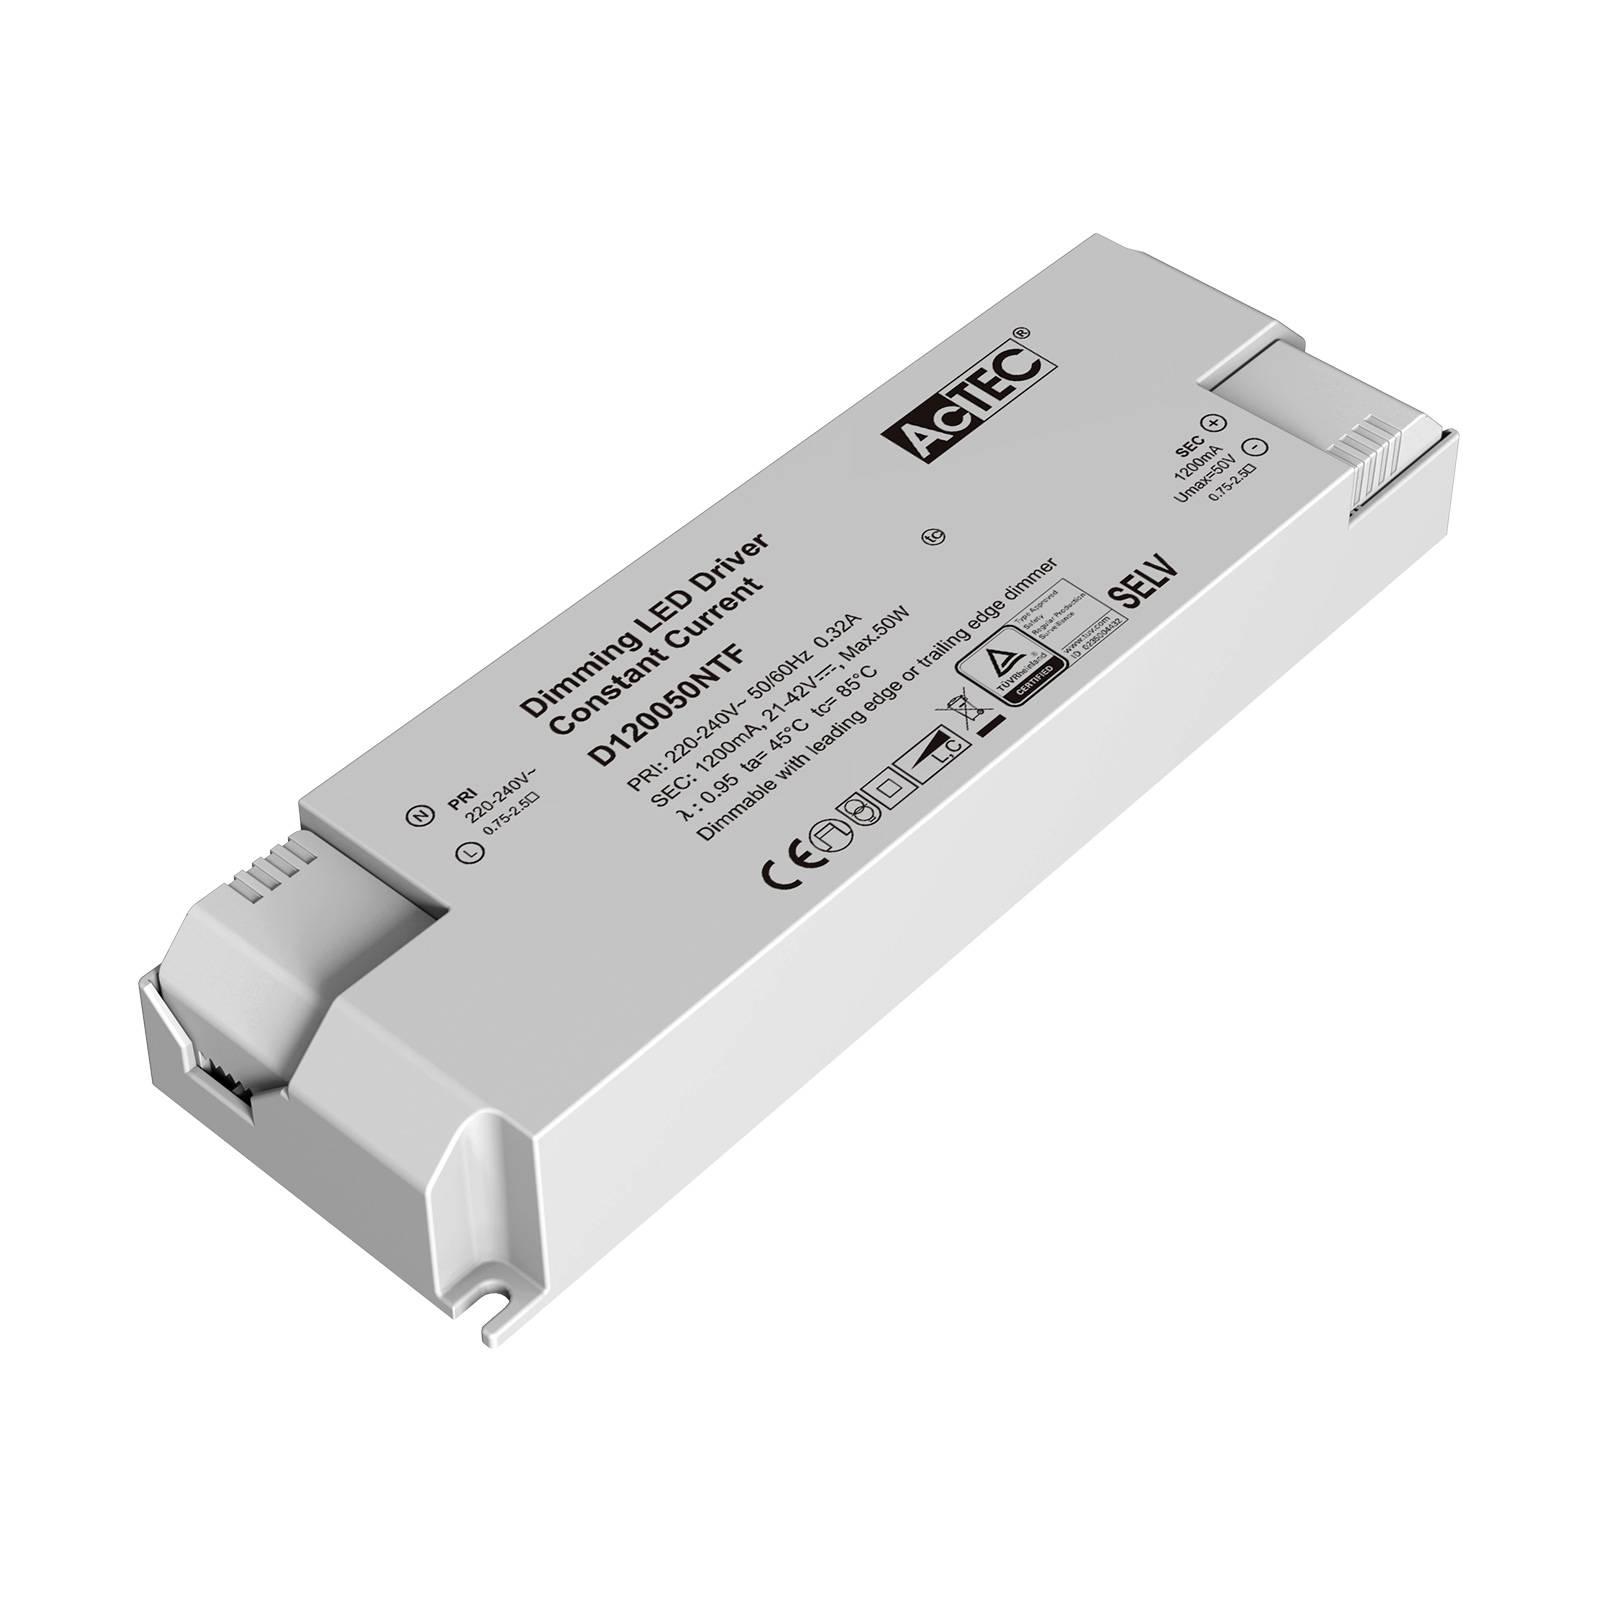 ACTEC AcTEC Triac LED ovladač CC max. 50W 1200mA